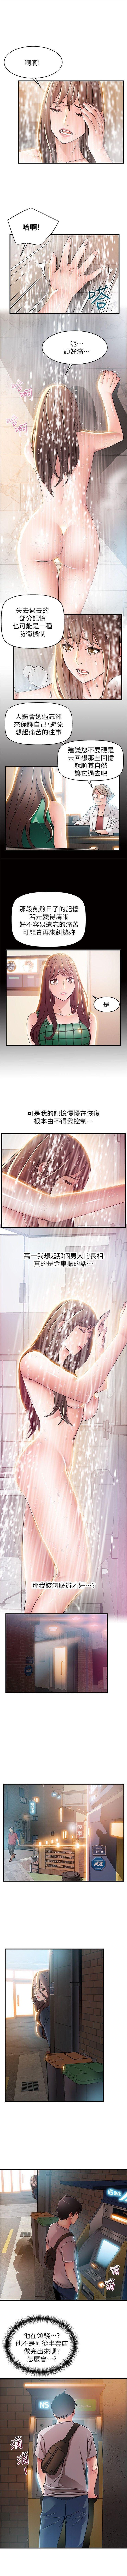 弱点 1-64 中文翻译(更新中) 191